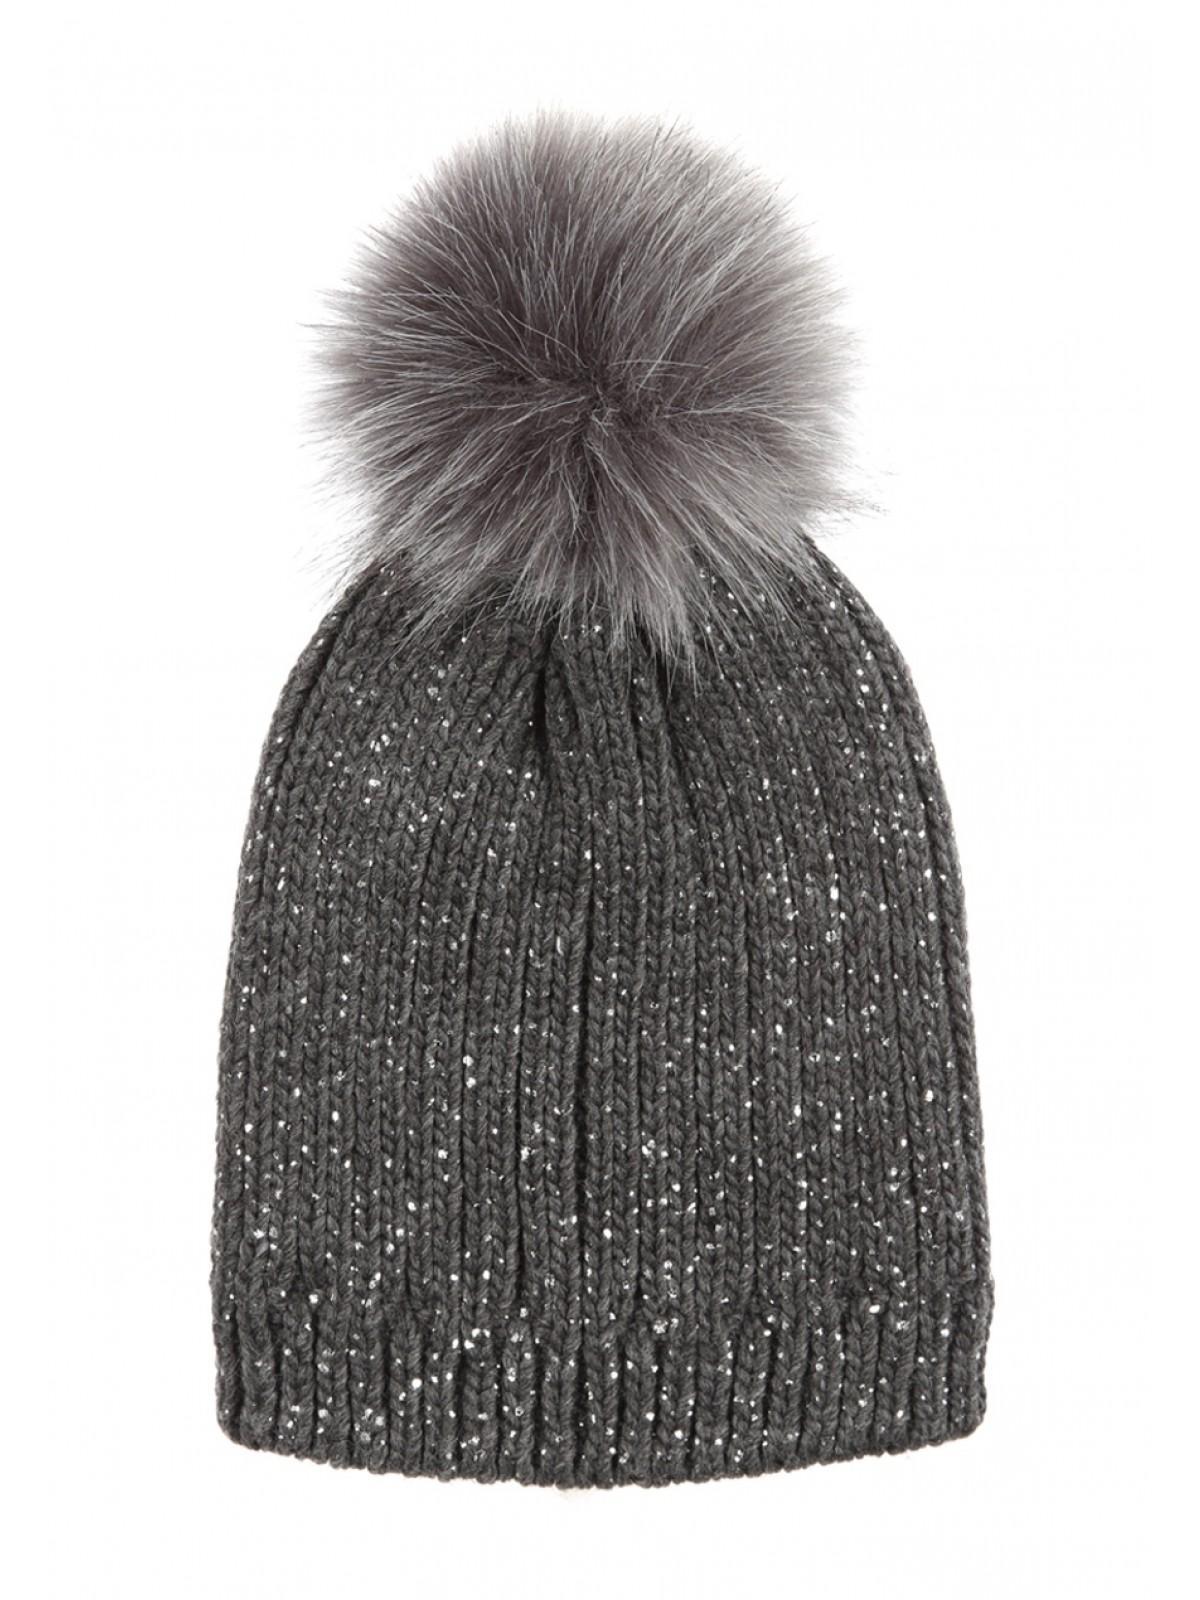 cfa9e625f Knit Hat With Big Fluffy Pom Pom